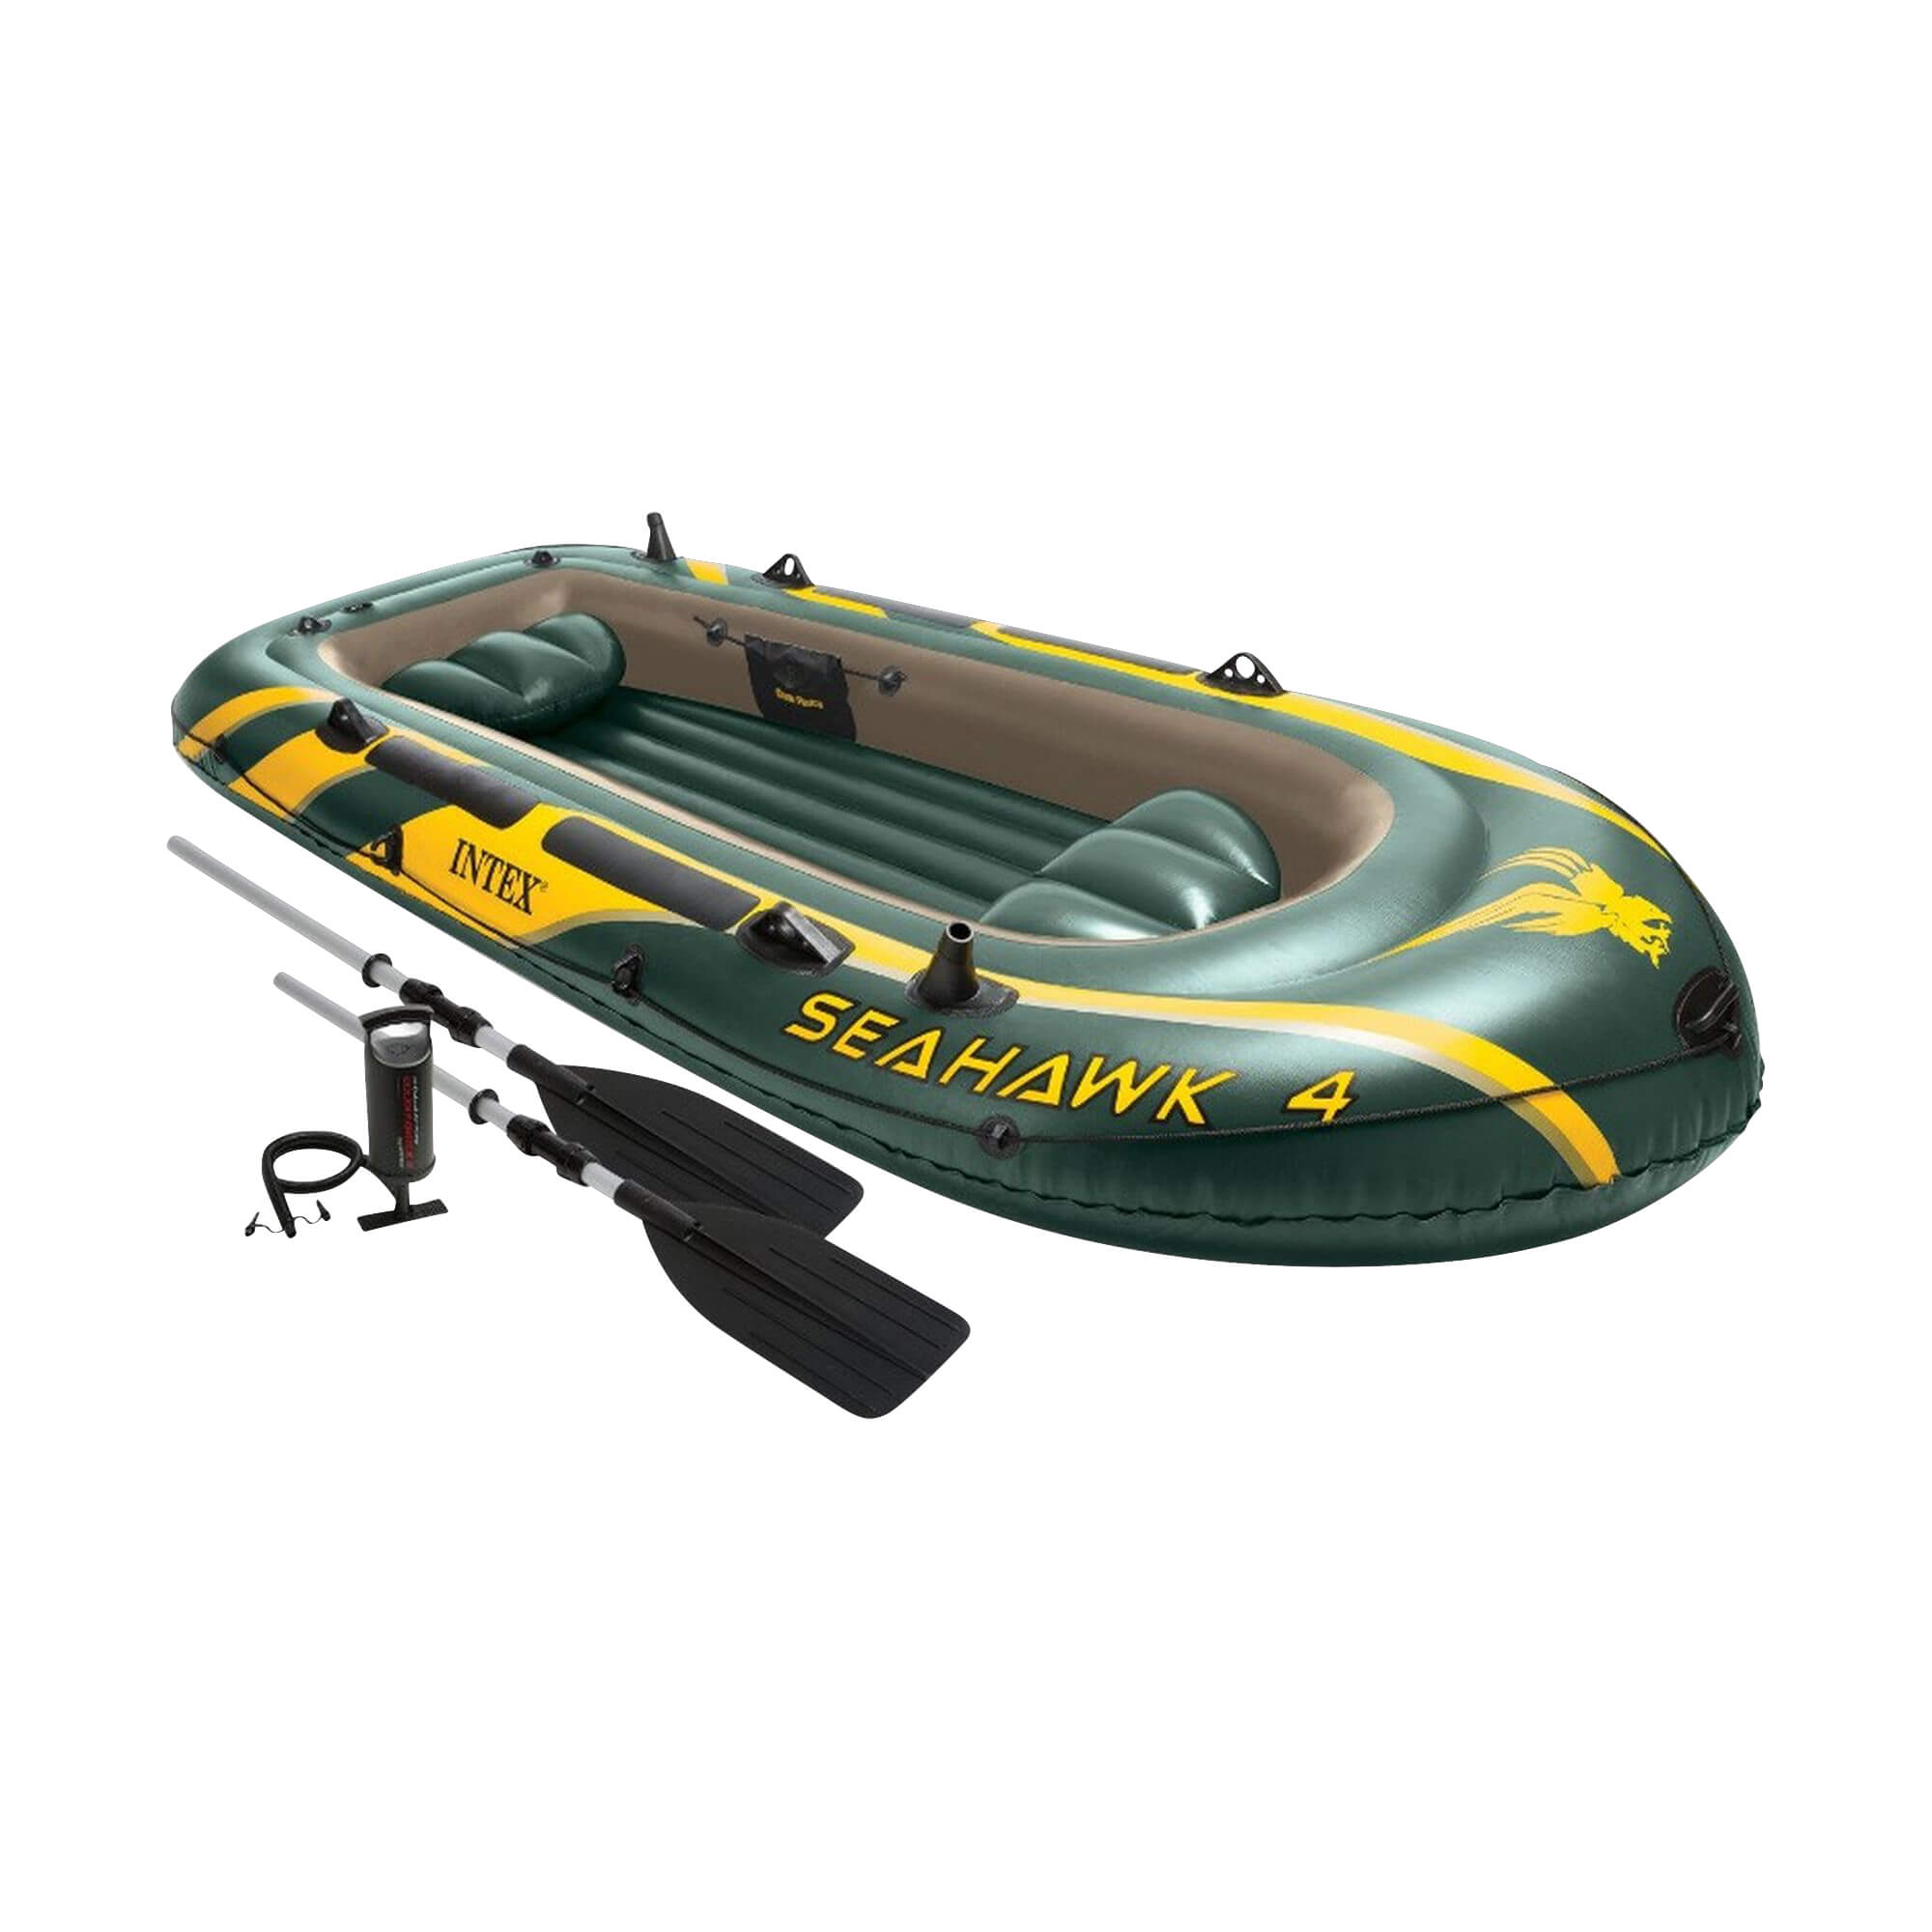 Seahawk 4 Intex - 2330379